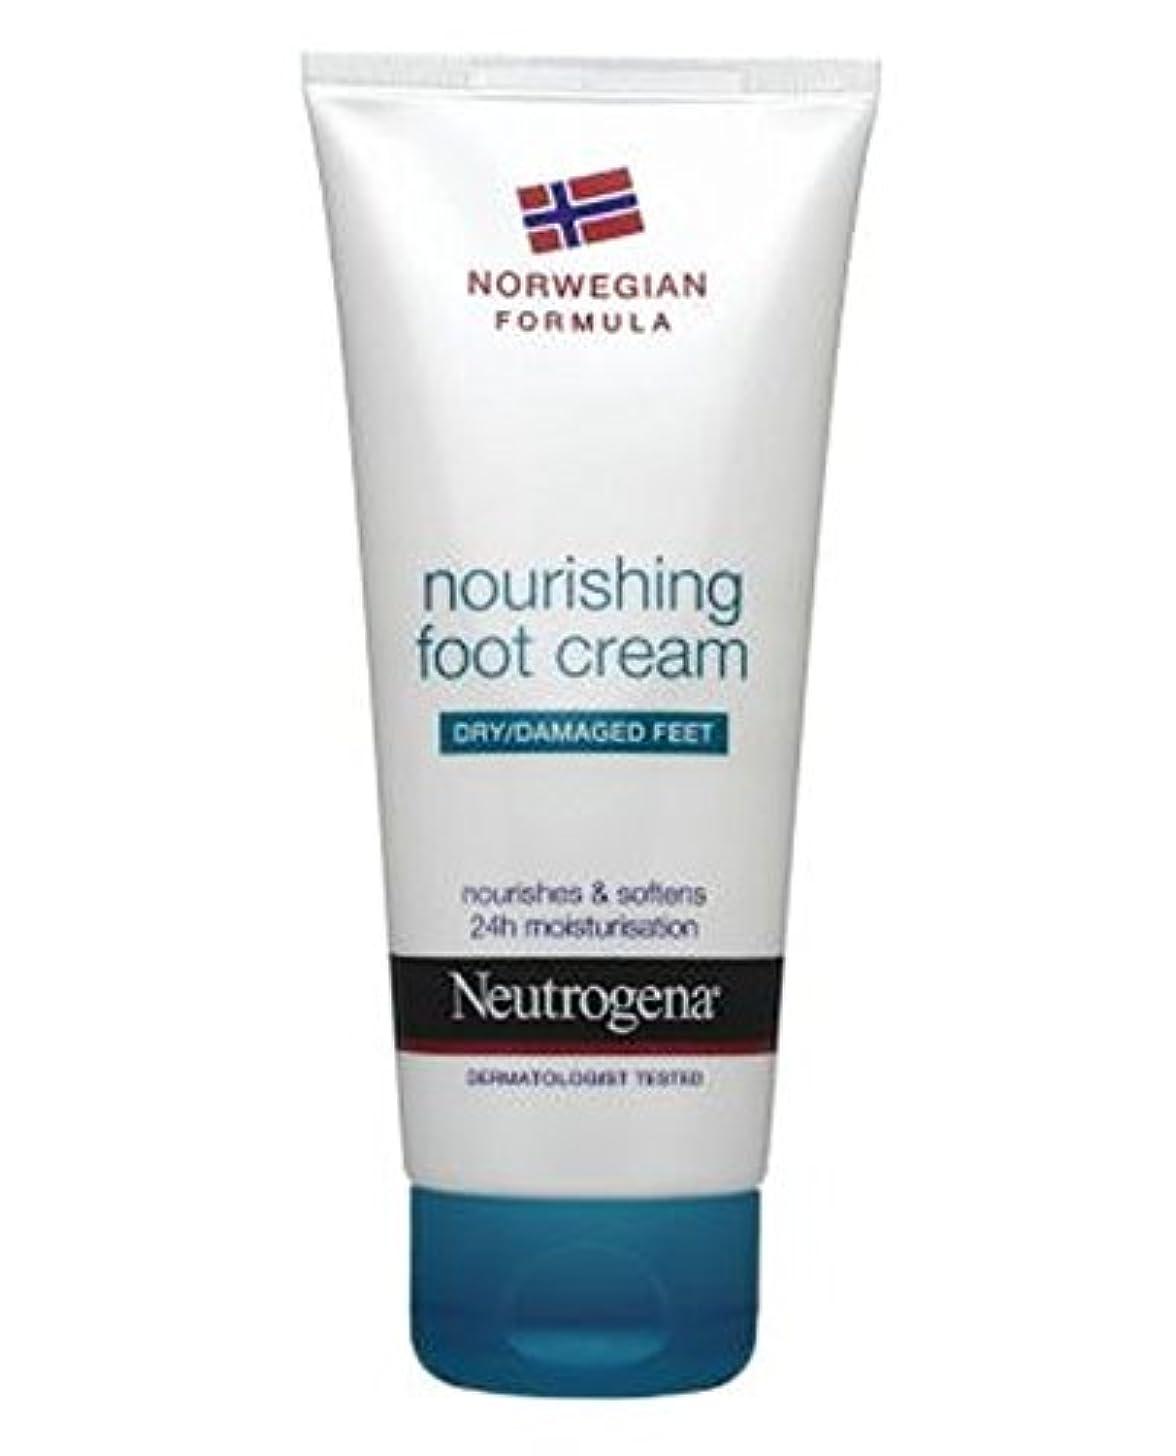 オーラル工業化する自宅でNeutrogena Norwegian Formula Nourishing Foot Cream For Dry Or Damaged Feet 100ml - 100ミリリットル乾燥または損傷した足のためのニュートロジーナノルウェー...